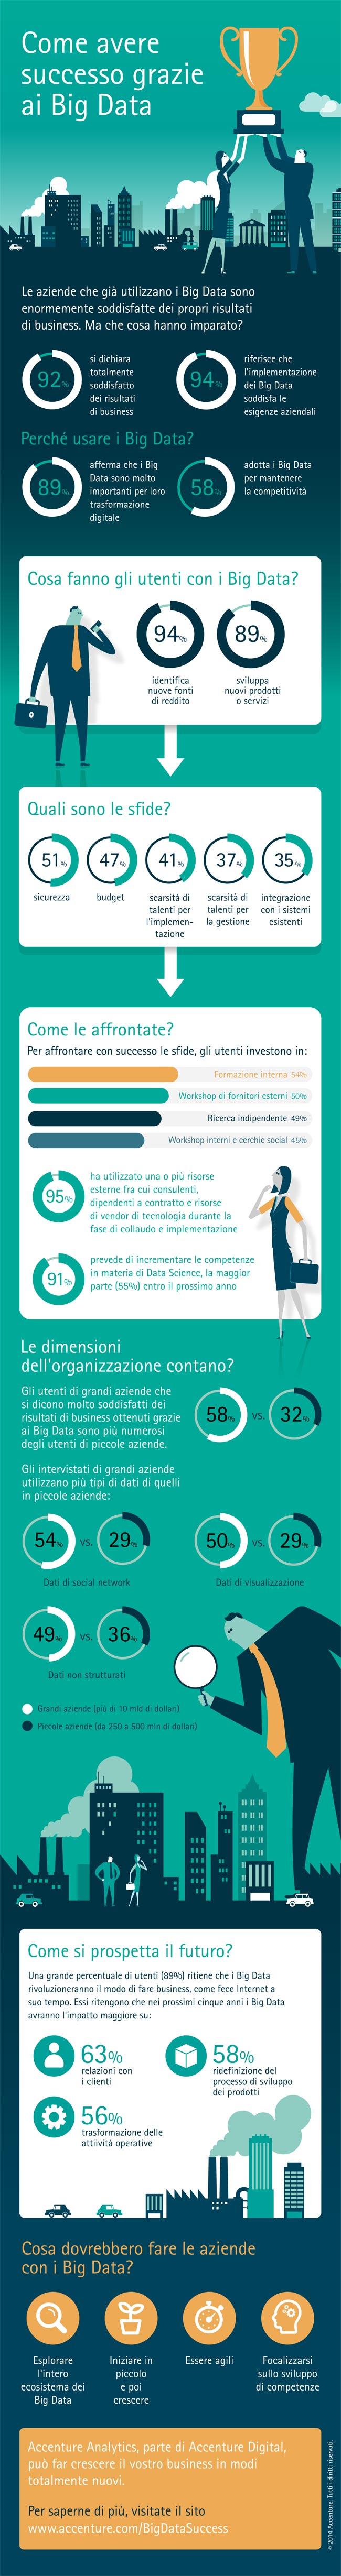 Accenture-Analytics-BigData_Infographic-ITA